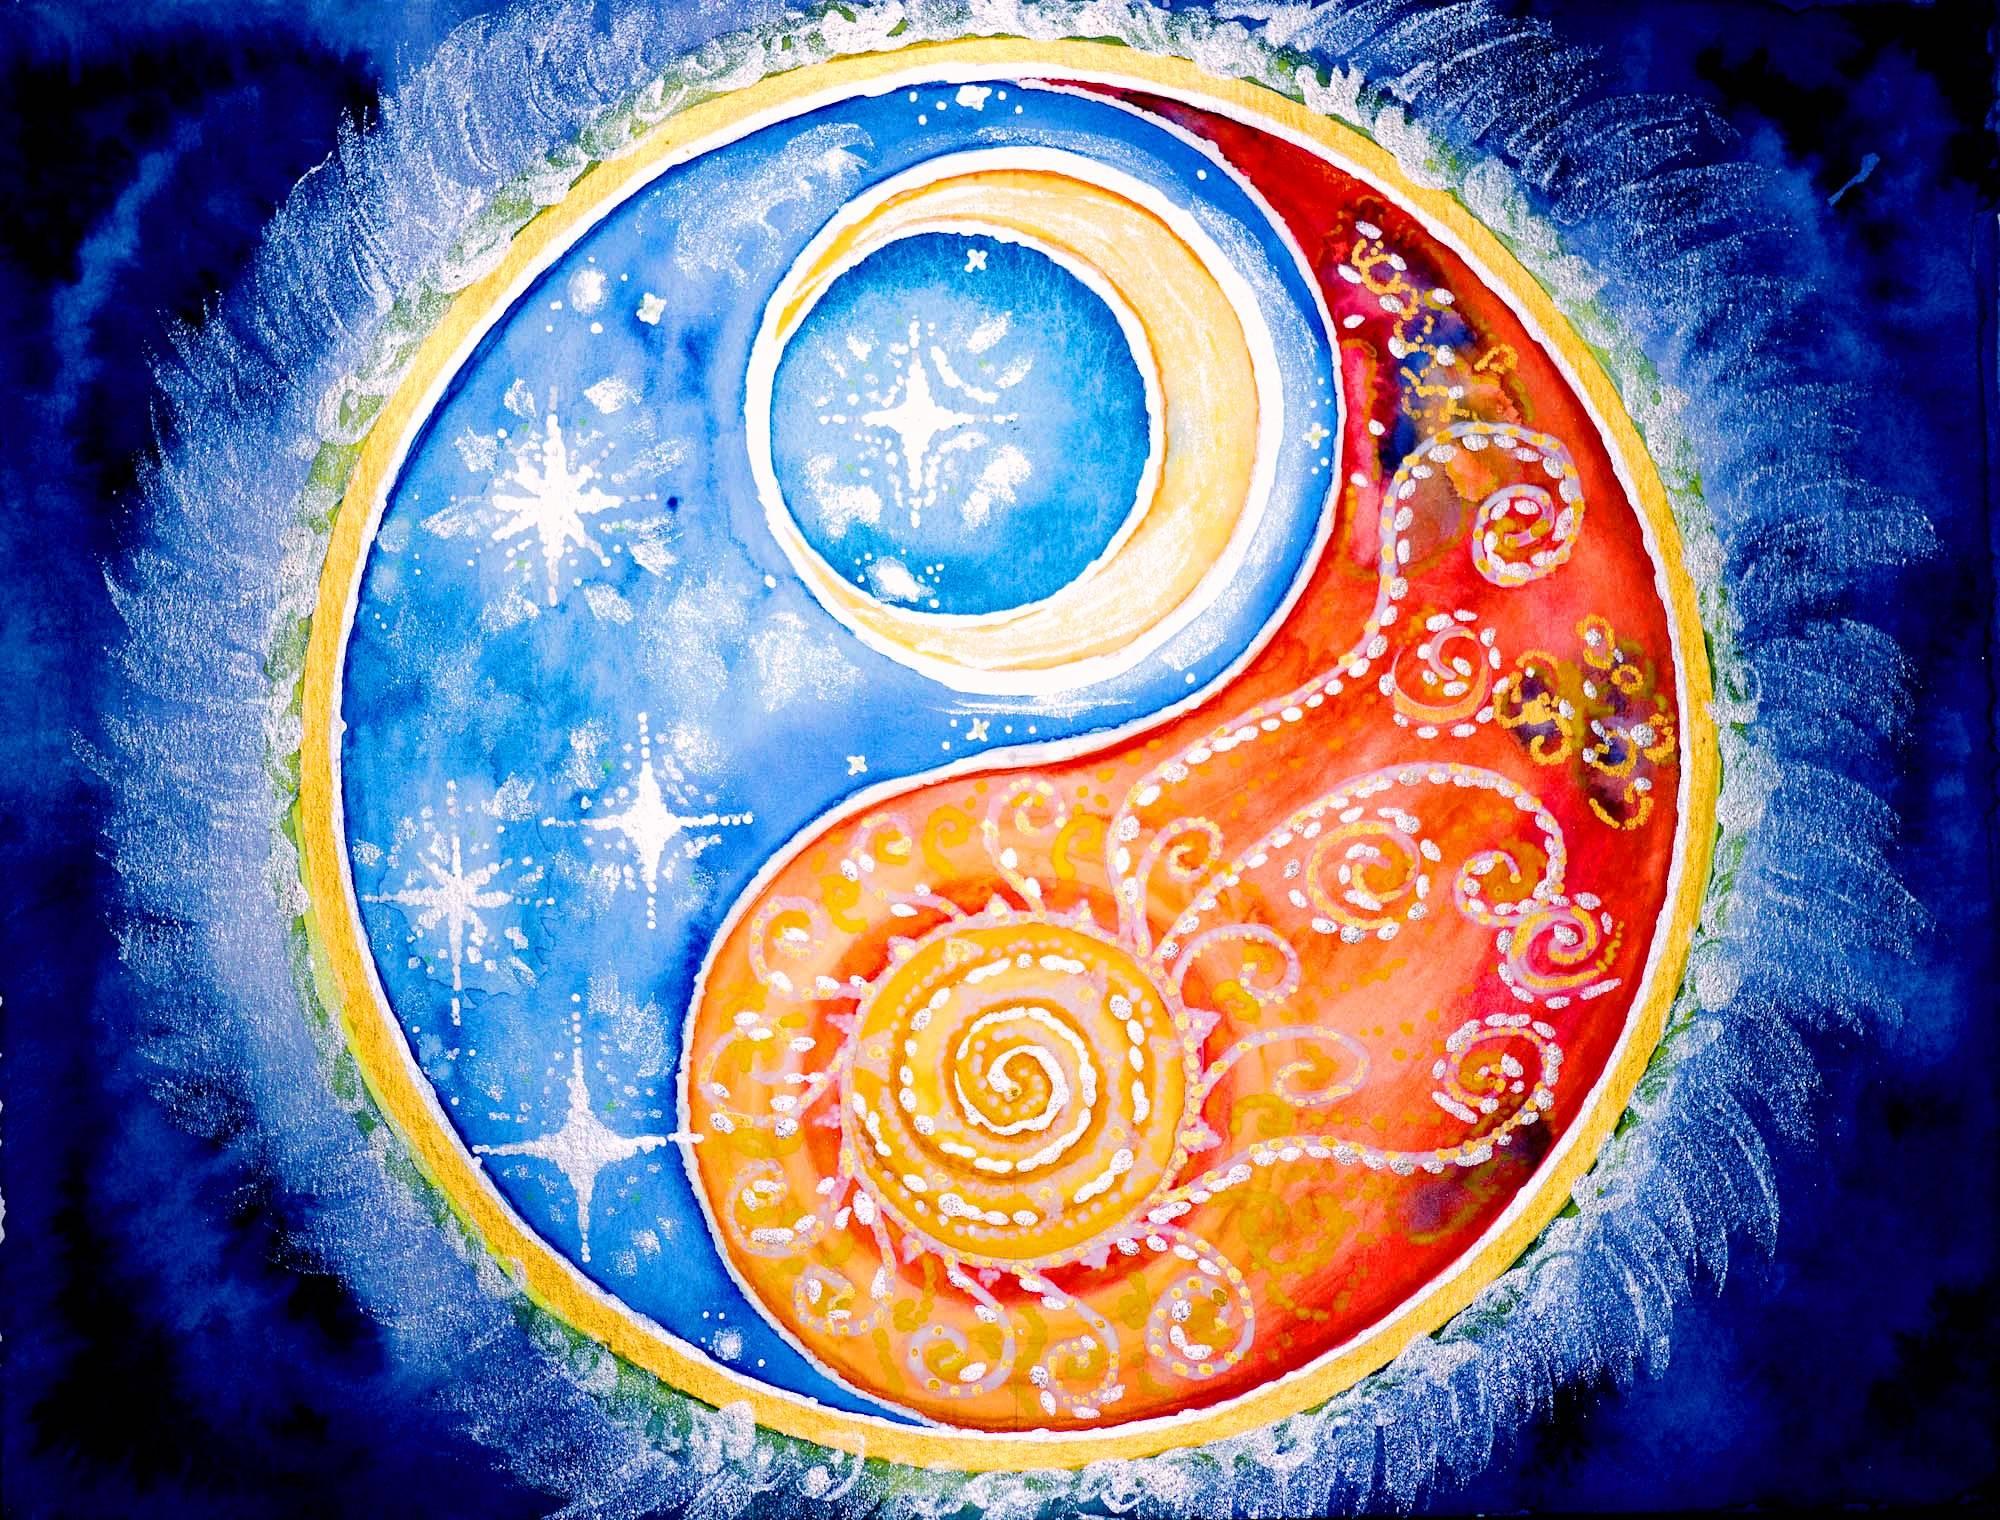 Мантра луны, творящая чудеса: текст, особенности и правила чтения